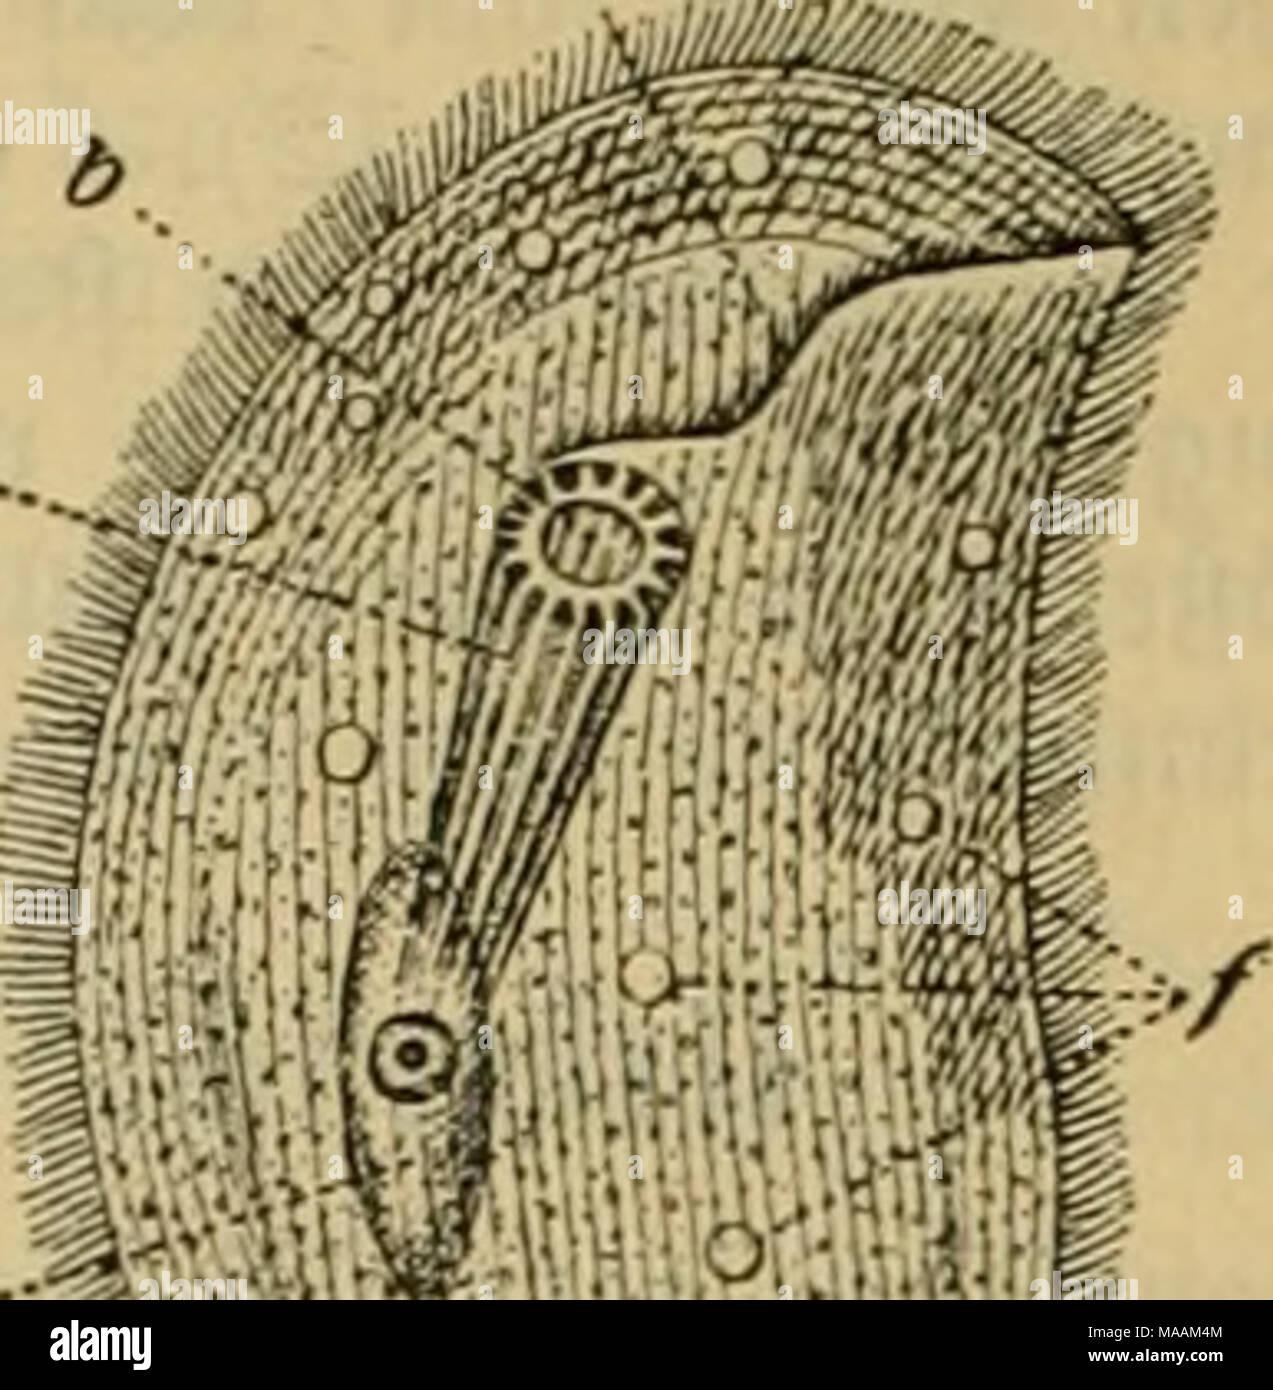 """. Dr. Johannes Leunis Synopsis der thierkunde. Ein handbuch für höhere lehranstalten und für alle, welche sich wissenschaftlich mit der naturgeschichte der thiere beschäftigen wollen . f >?ift^H * Chilödon cucuIlrdus'J (Müll.) Ehrbg (gig. 1069 ). @d)Iunbftäbe gerabe, eine fegetförmige 9ieufe bilbenb; Äent eiförmig; Sänge bis U,i8 """"i™. e^cmein in ben »erfAicbenftcn @ü§»äffcrn unb auc^ im SOJeerc; Bewegung langfam gteitcnb, mit fdtcner 2iref;ung um bic Sängoaj,-e; Ouer= unb ?äng8tf;eitung häufig, ebenfo Snci^ftirung. * C. curvidlntis'-' Grub, ©d^htnbftäbe in eine poft= ^ornförmig gebogen - Stock Image"""